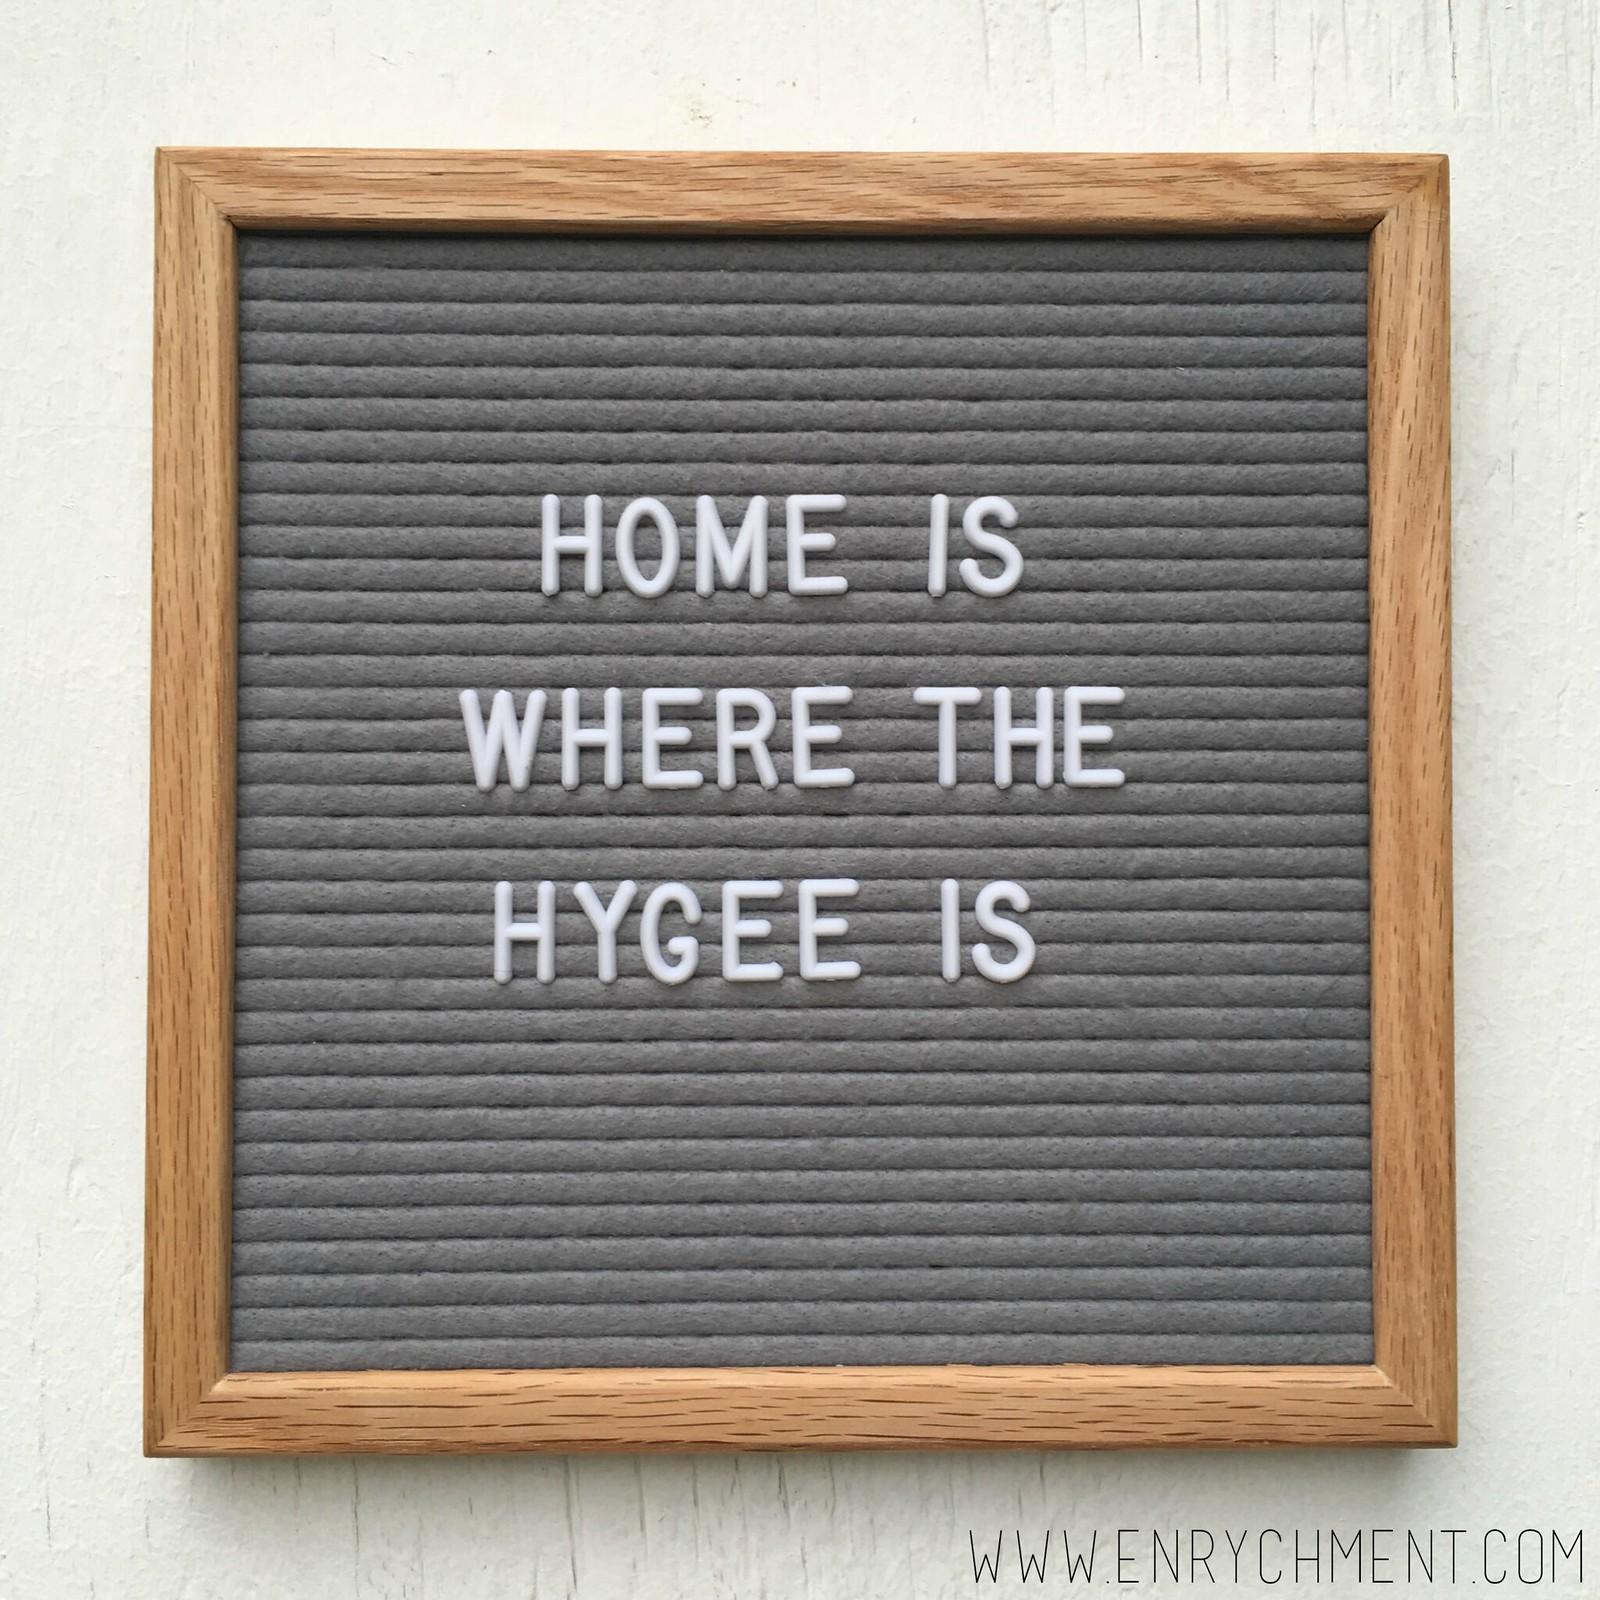 hygee letterboard